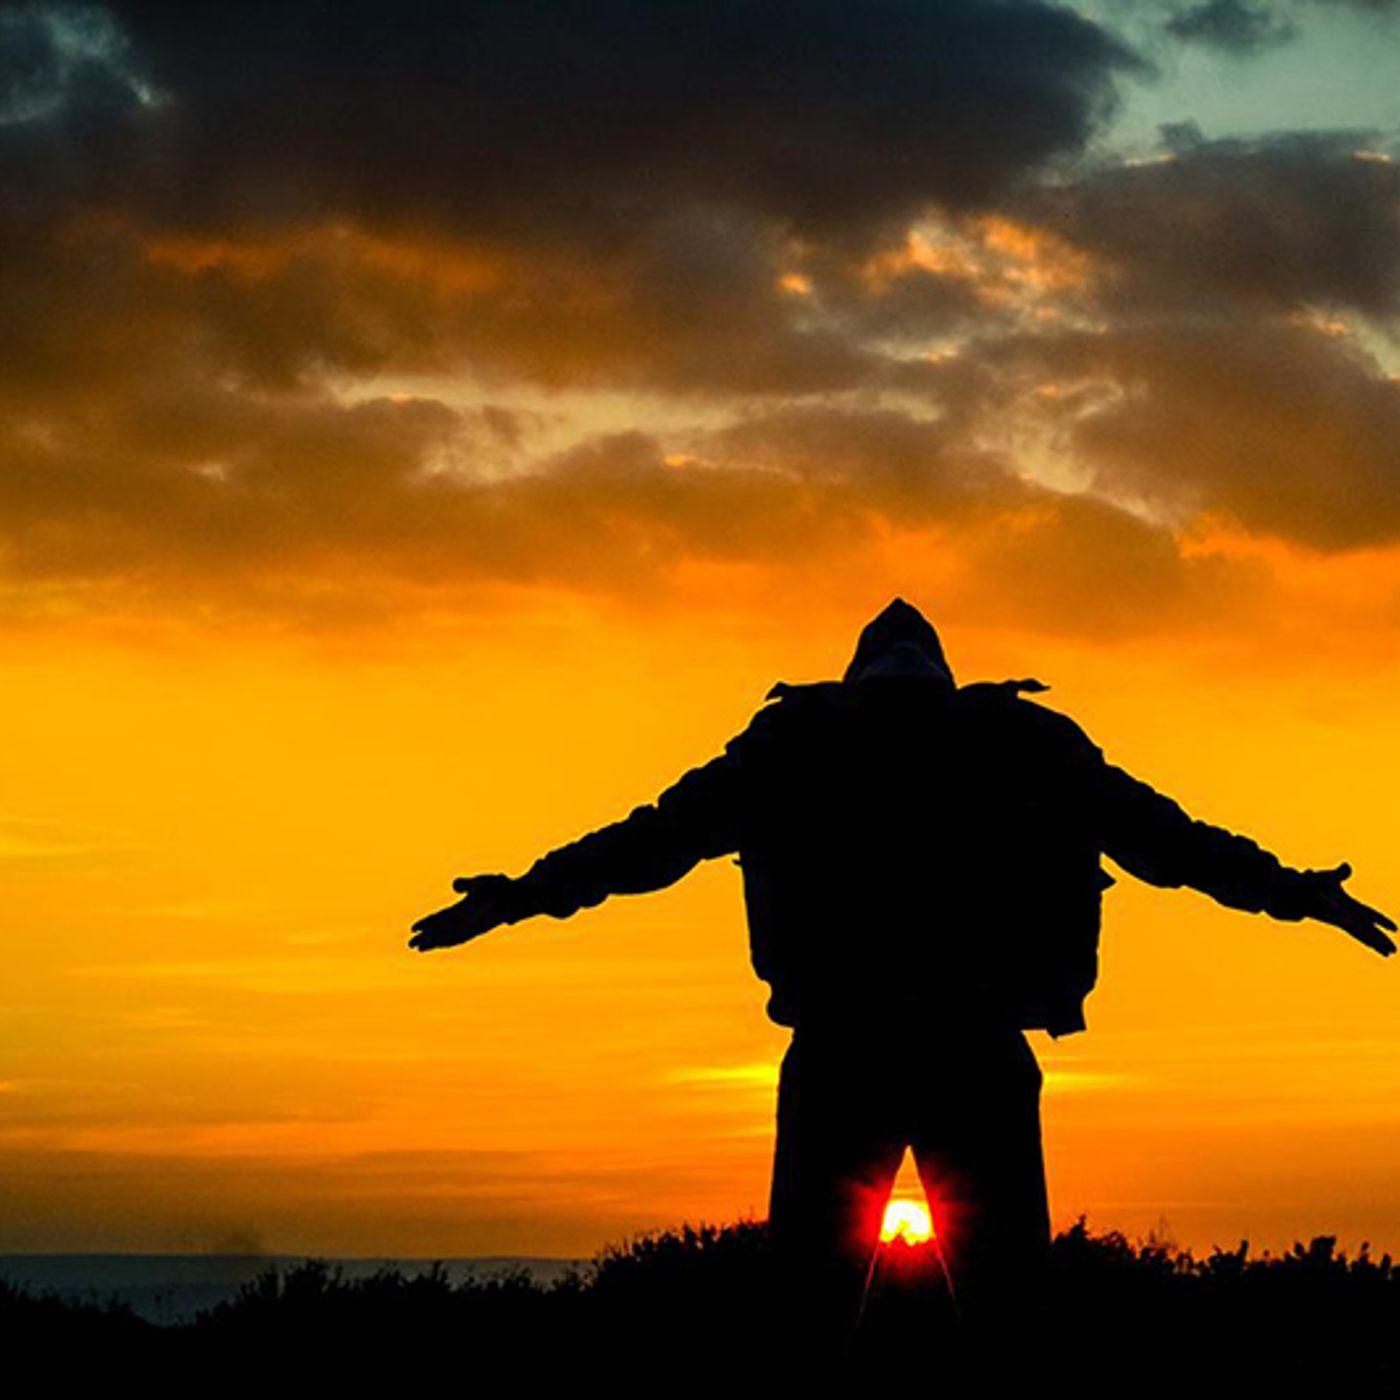 İnanç Nedir? Siz Neye İnanıyorsunuz?